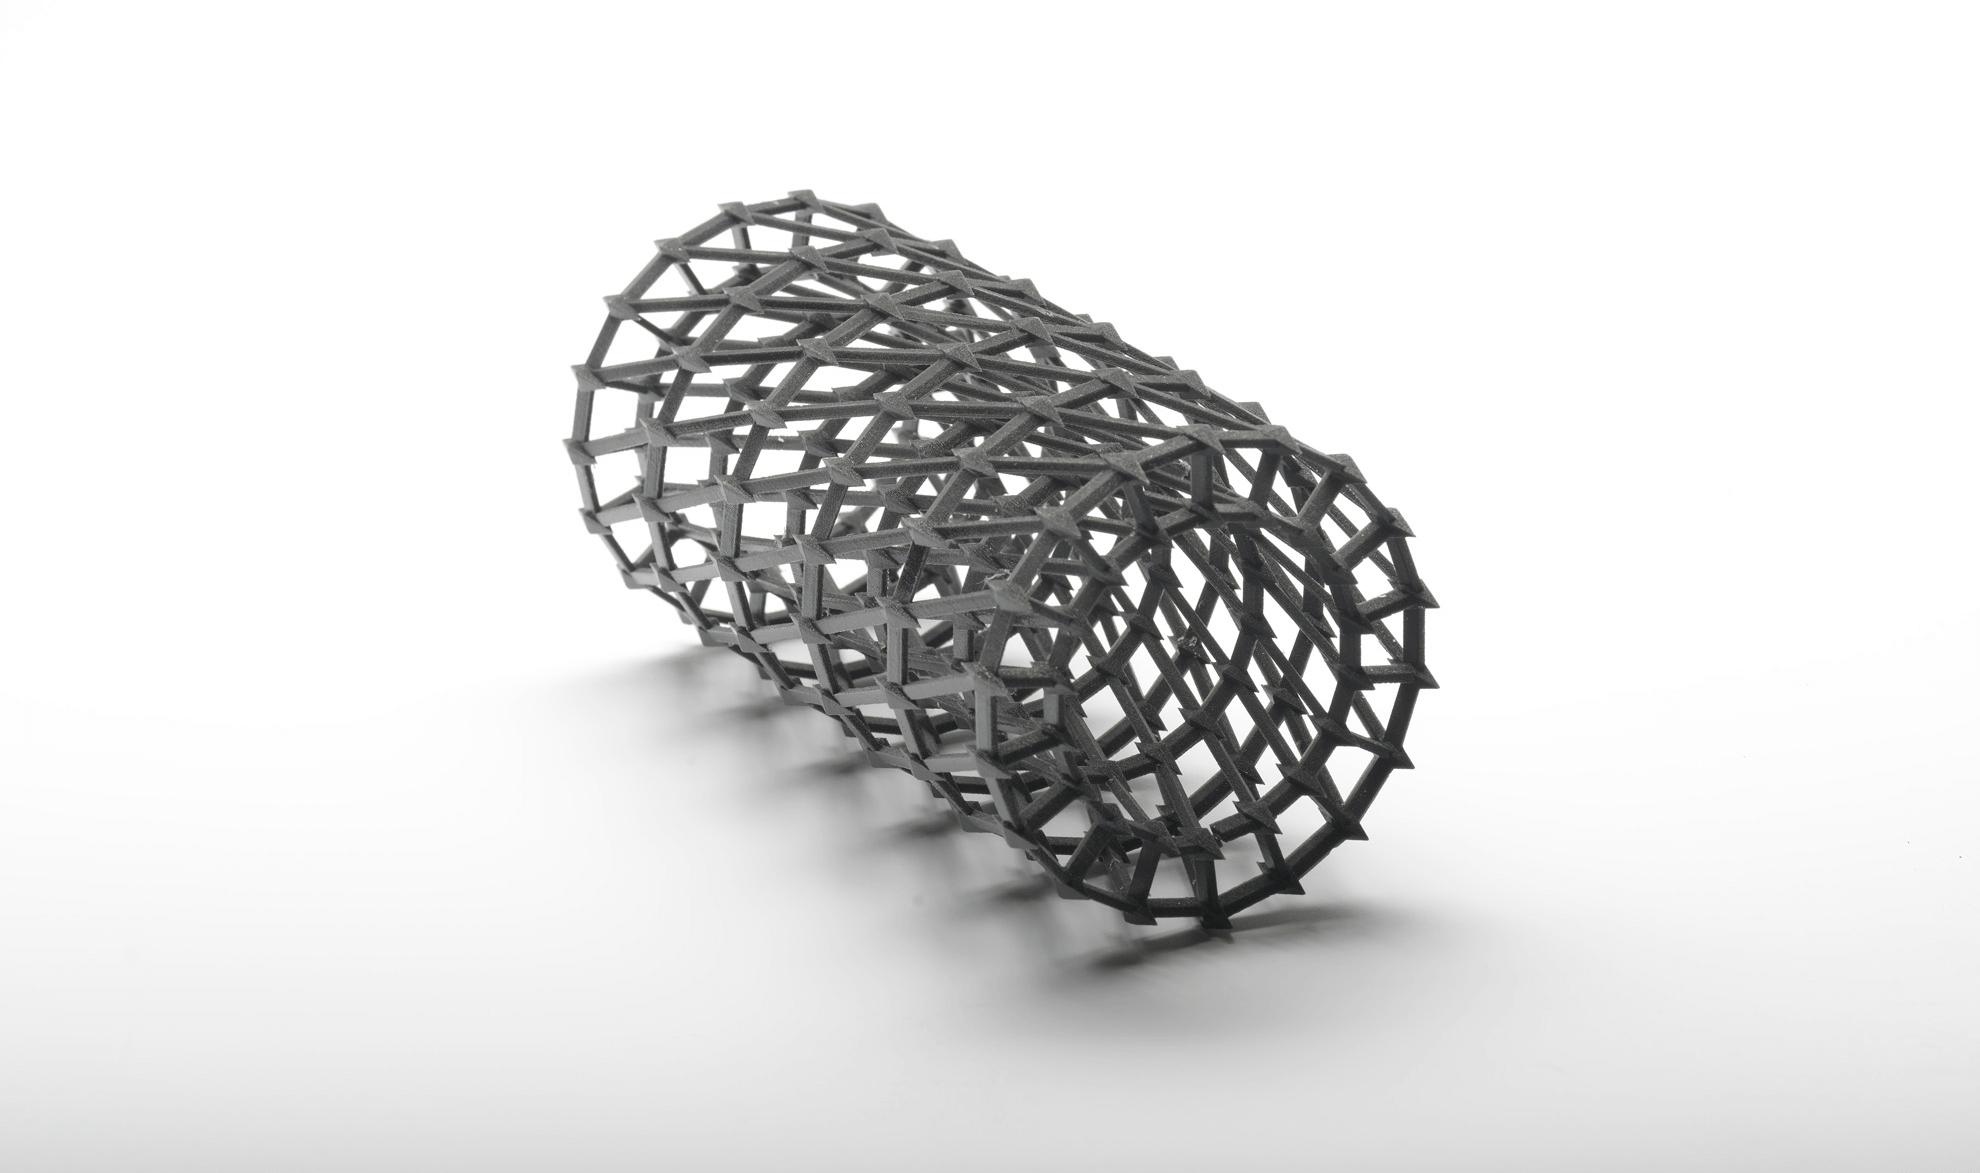 查看各種 Vero 顏色組合的 3D 列印部件。